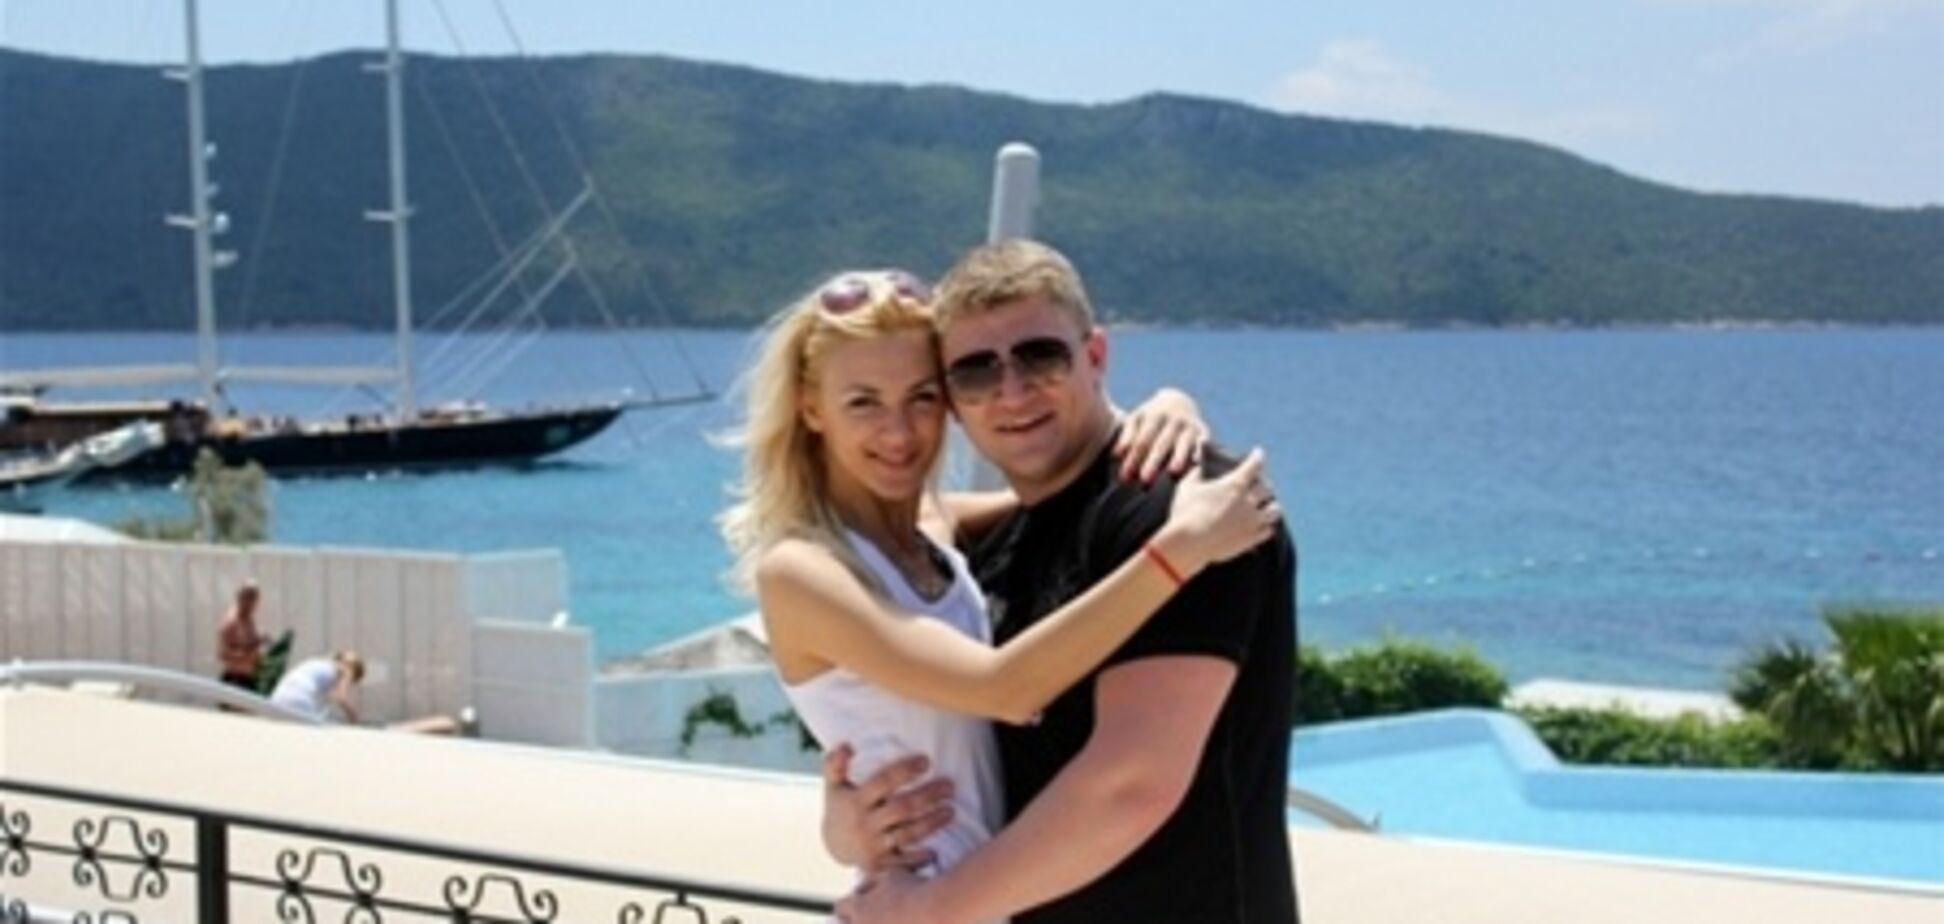 Олексій Кузнєцов відвіз кохану до Монако